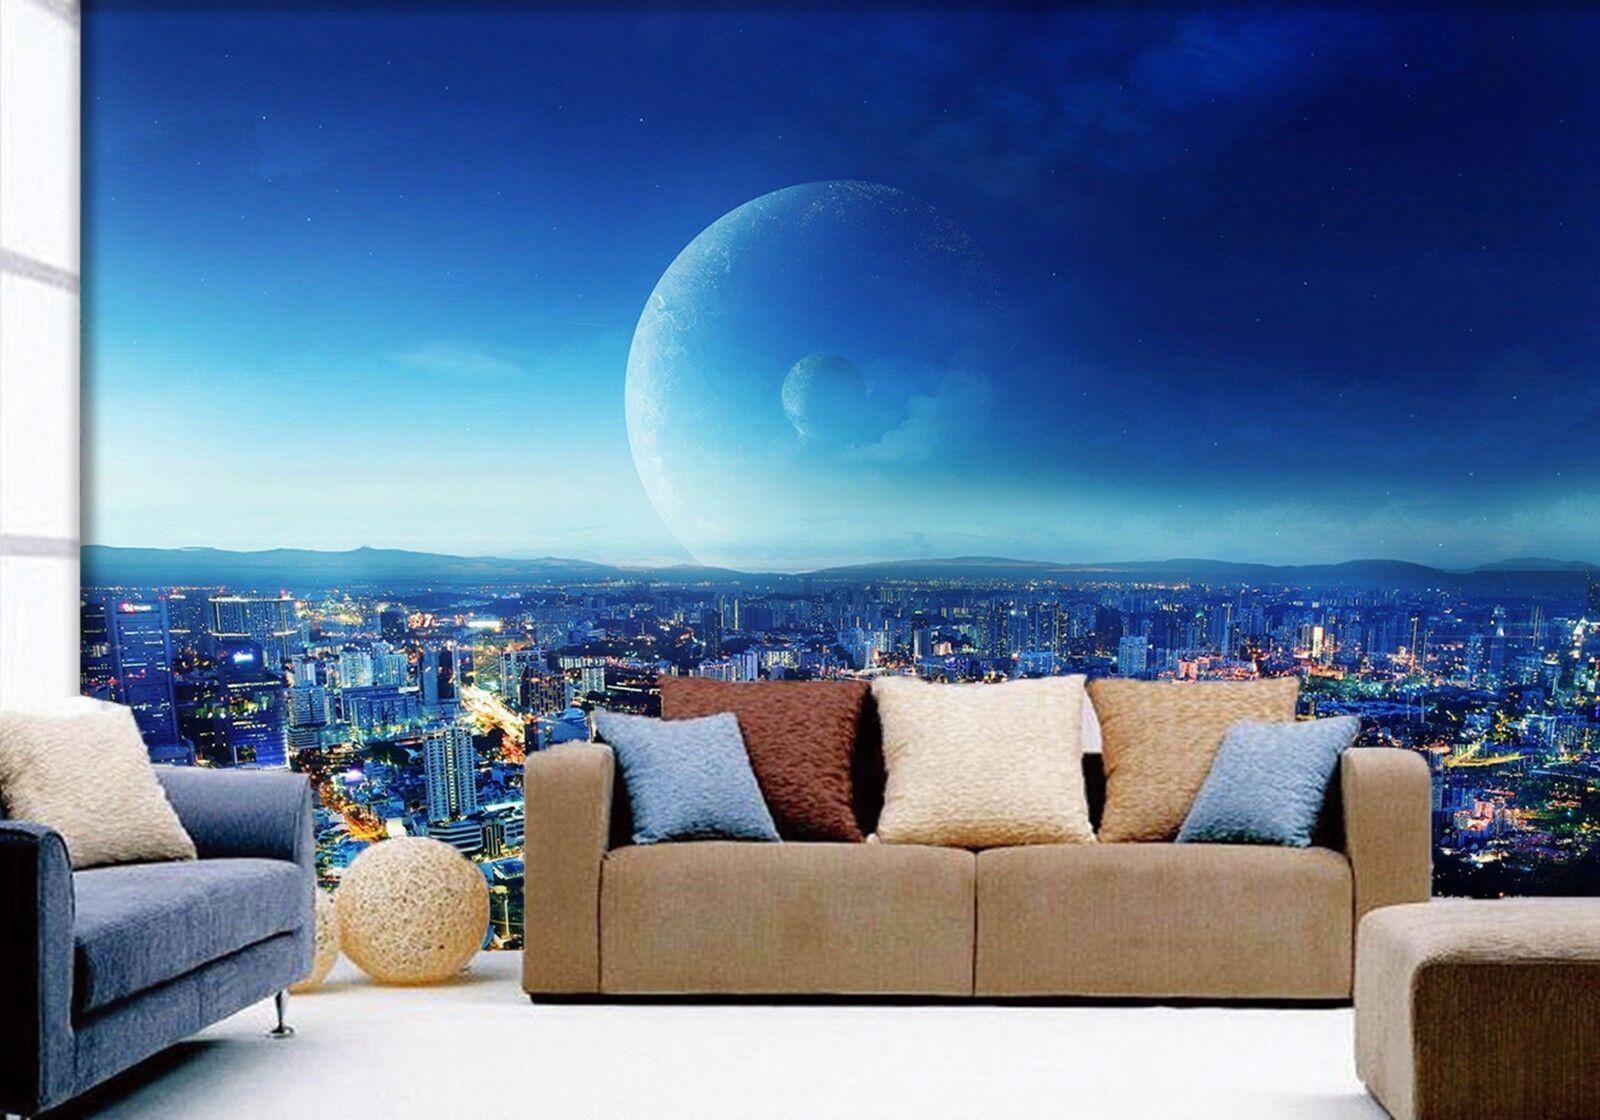 3D Himmel Stadt Natürlich 803 Tapete Wandgemälde Tapeten Bild Familie DE Lemon | Kaufen Sie beruhigt und glücklich spielen  | Zu einem erschwinglichen Preis  | Online Outlet Store